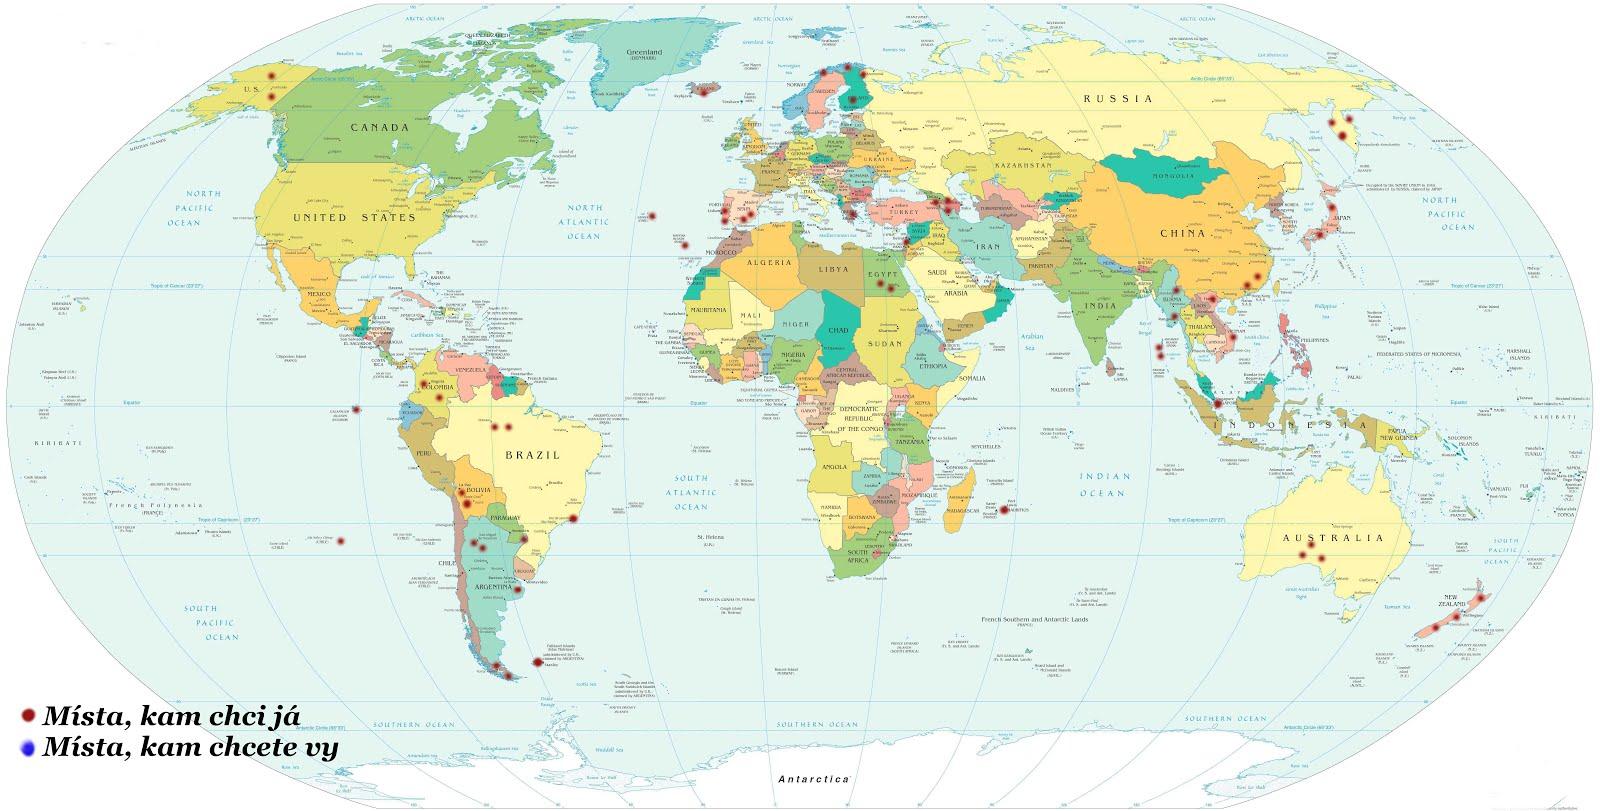 Cestovatelská mapa